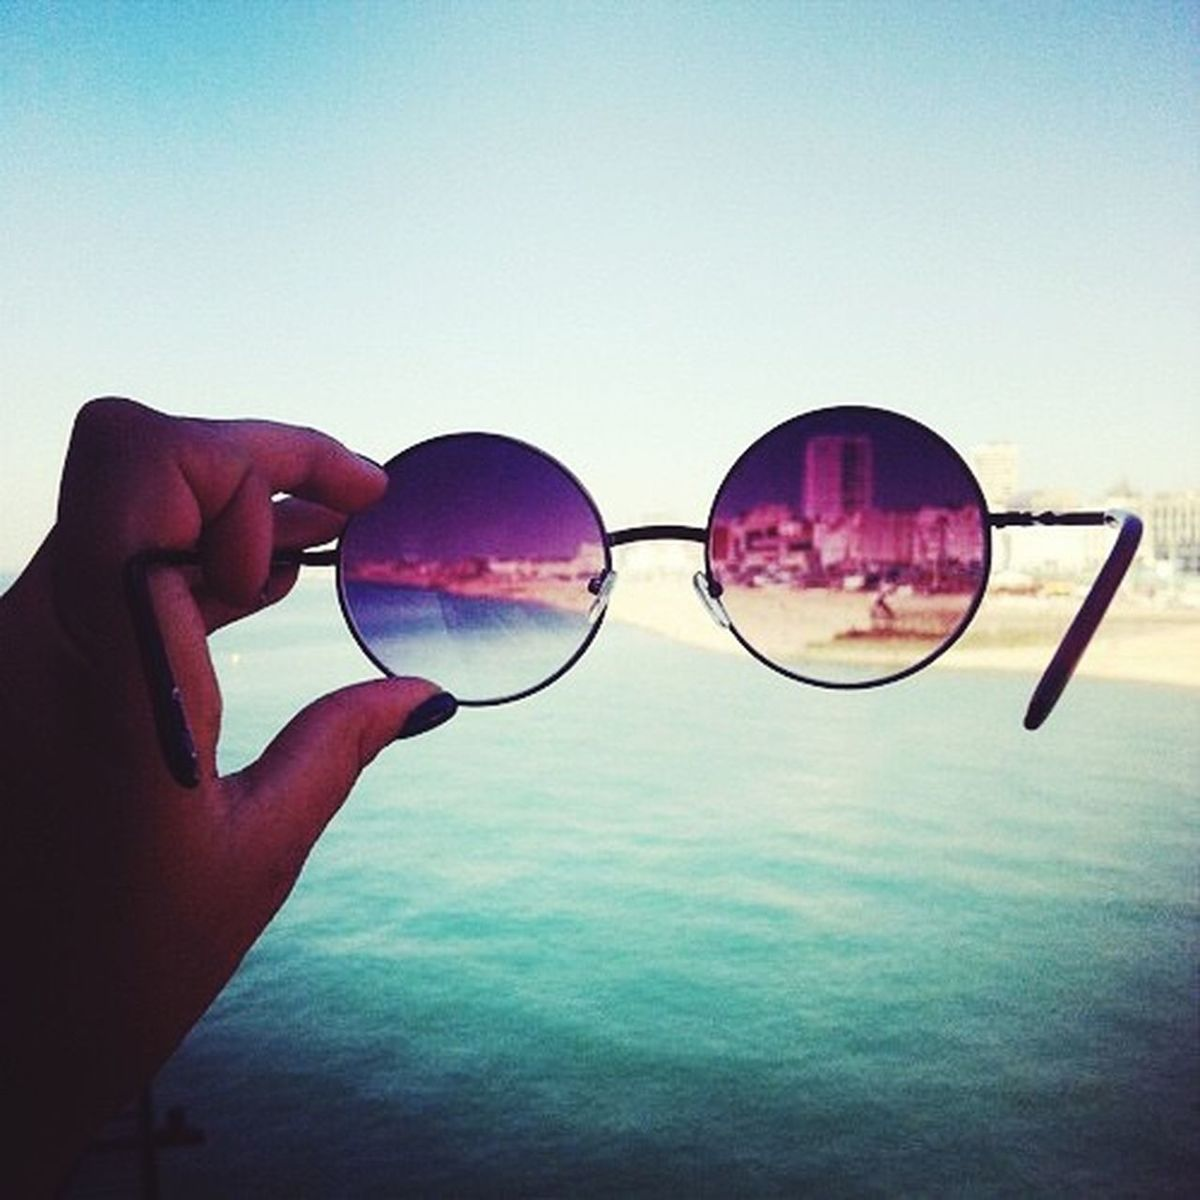 Sol Sunglasses!!!! ^_^ Justfollow Followme Follow4follow Justforfun Justfollowme Likeforlike #likemyphoto #qlikemyphotos #like4like #likemypic #likeback #ilikeback #10likes #50likes #100likes #20likes #likere JustFriends Likeforlike Followme #likeme Sun Glasses